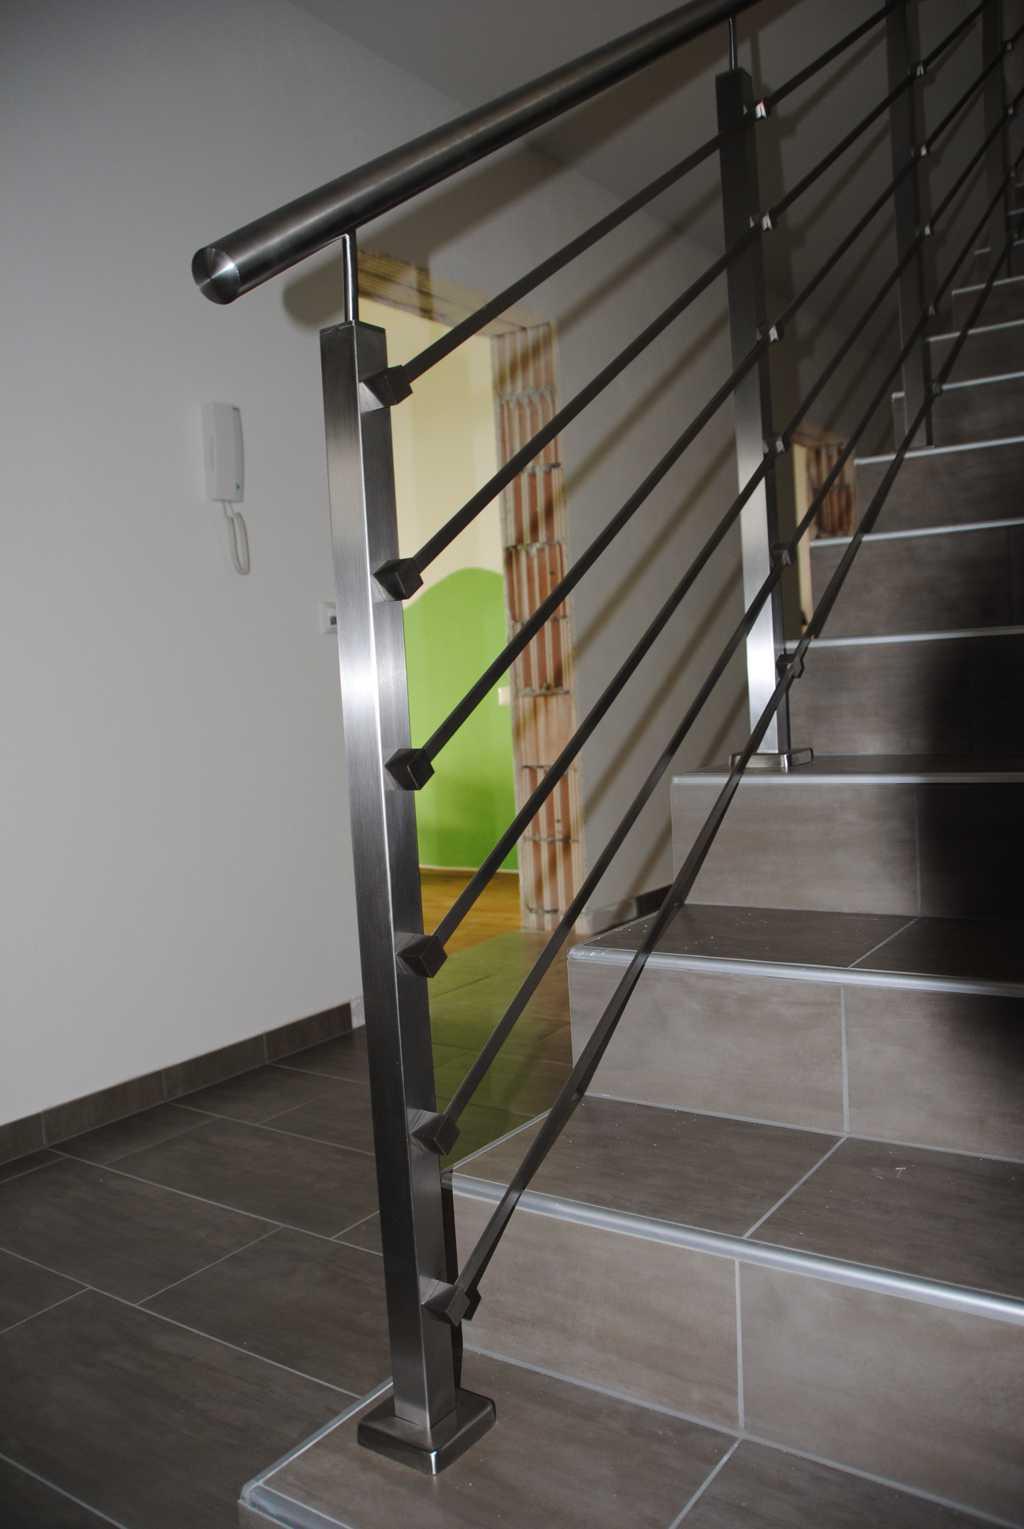 Rader-Balkon_OÖ_Bezirk_Schärding_Bezirk_Rohrbach_Edelstahlgeländer_Stiegengeländer-09